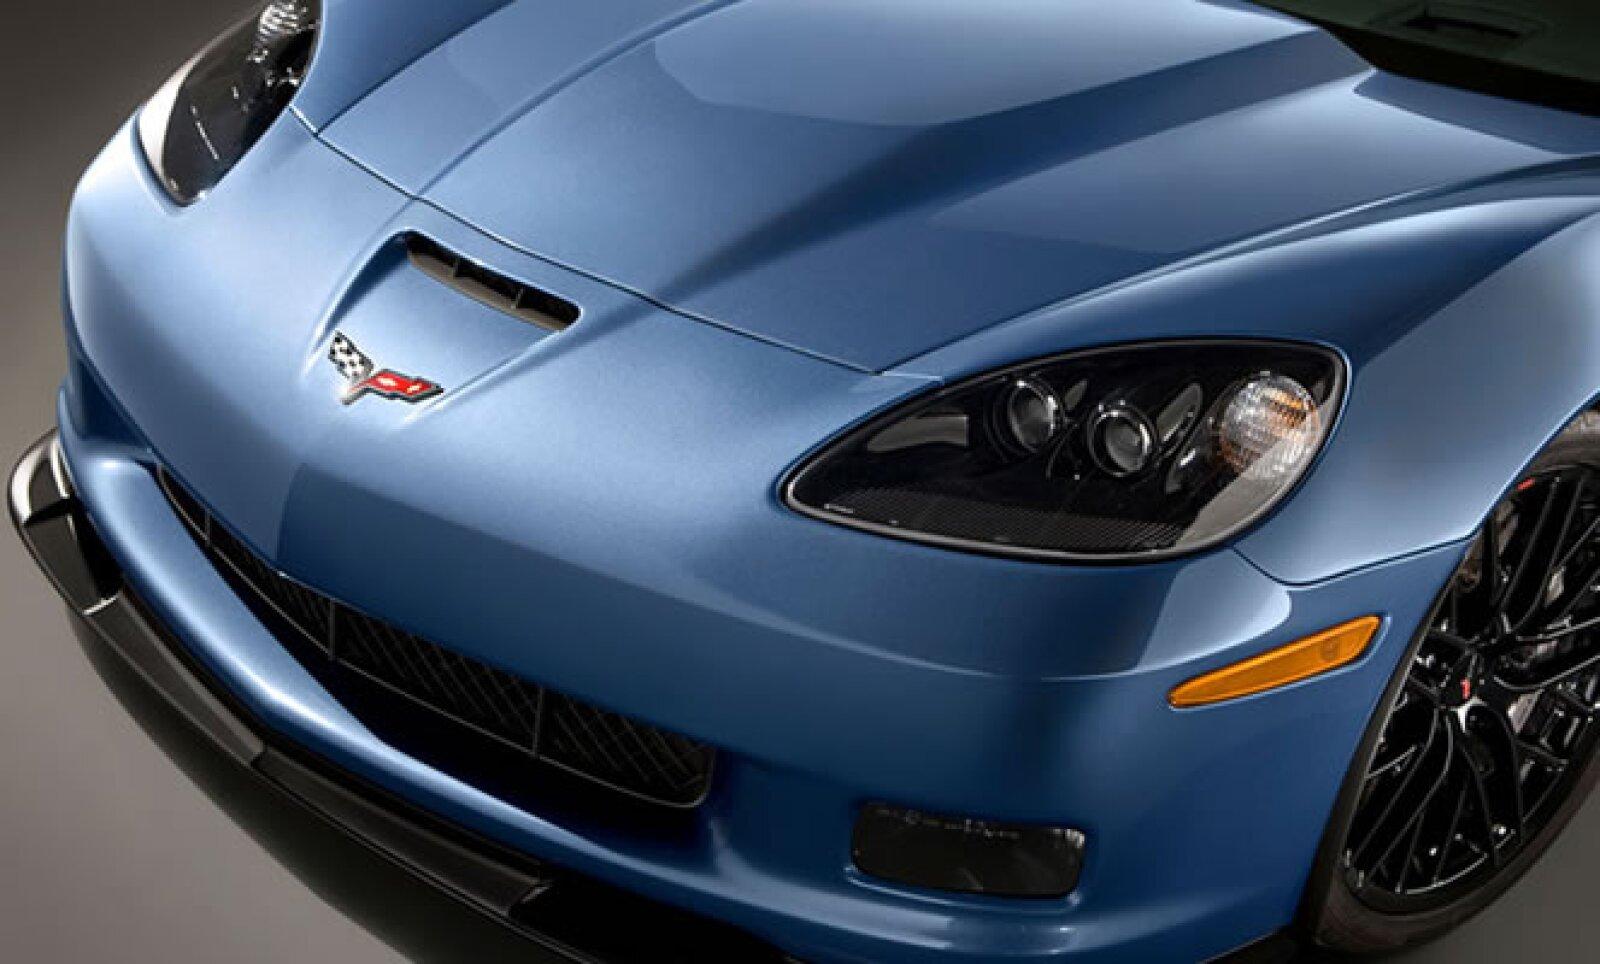 La edición limitada a 500 unidades será comercializada en dos colores, el Azul Supersónico y Naranja Infierno con interiores en piel color negro.